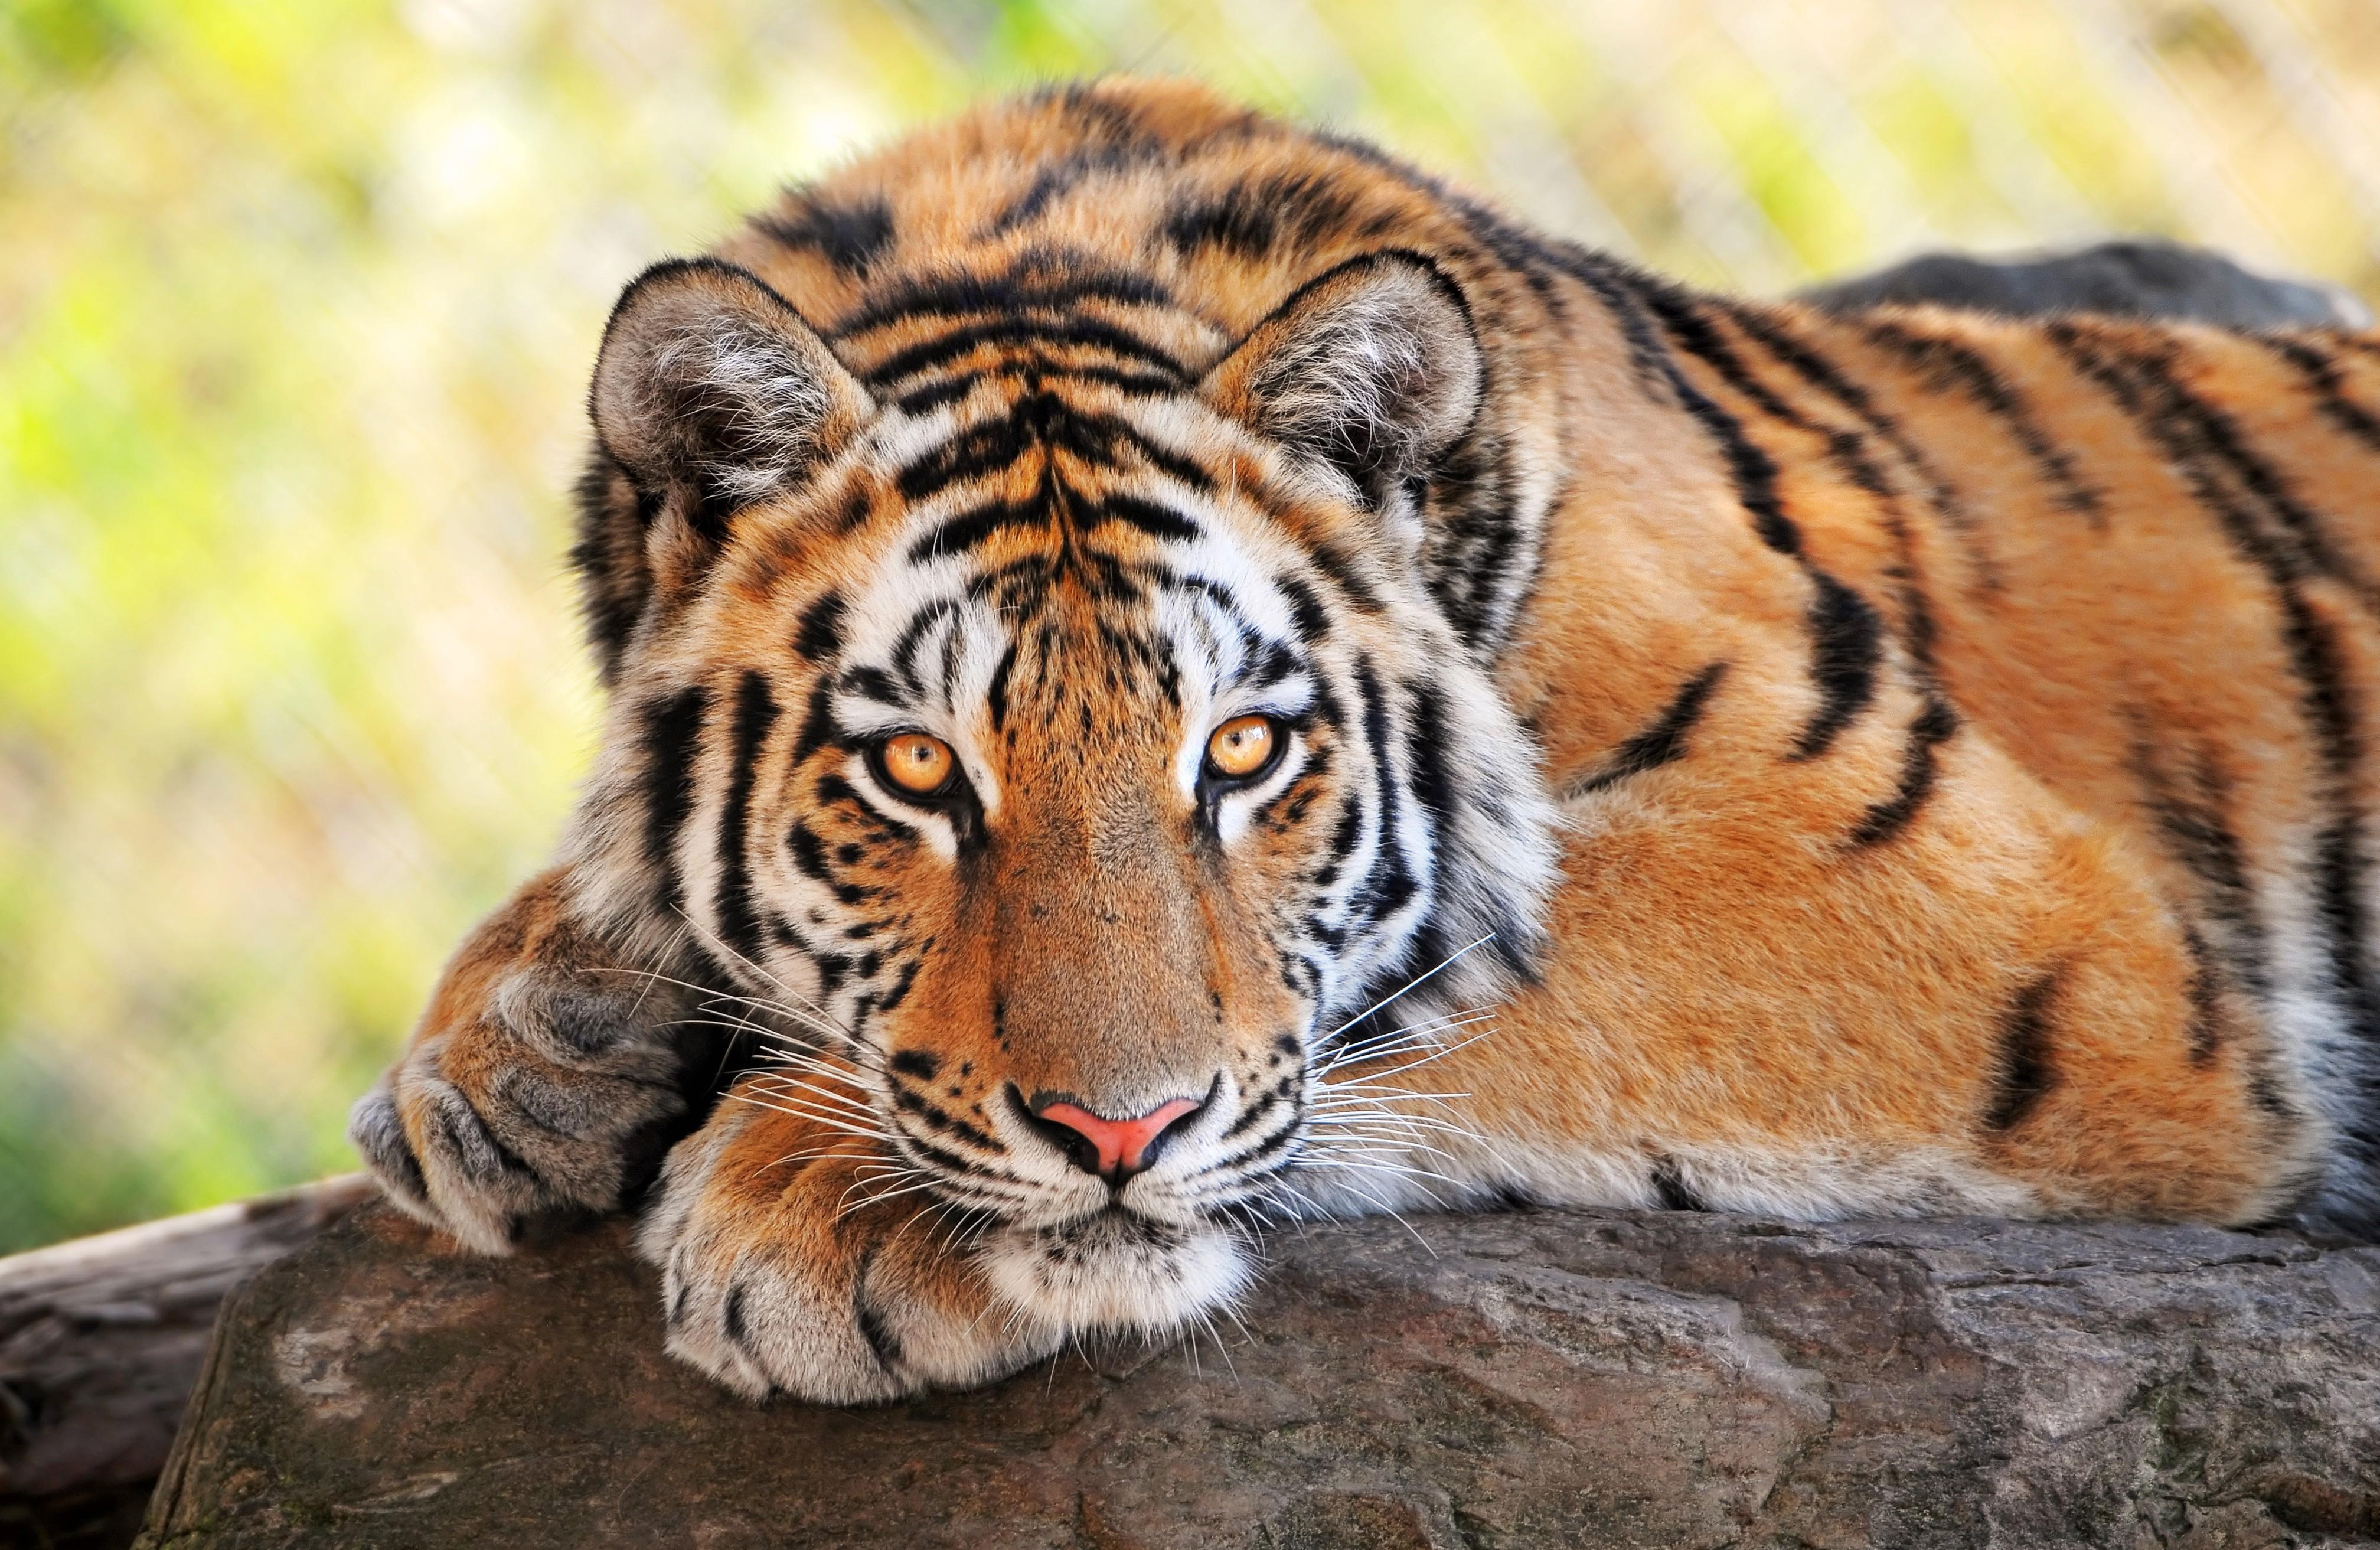 http://cdn.oboi7.com/34f009a05f92d43c7112380c90f0085413263dc5/zhivotnye-tigry.jpg